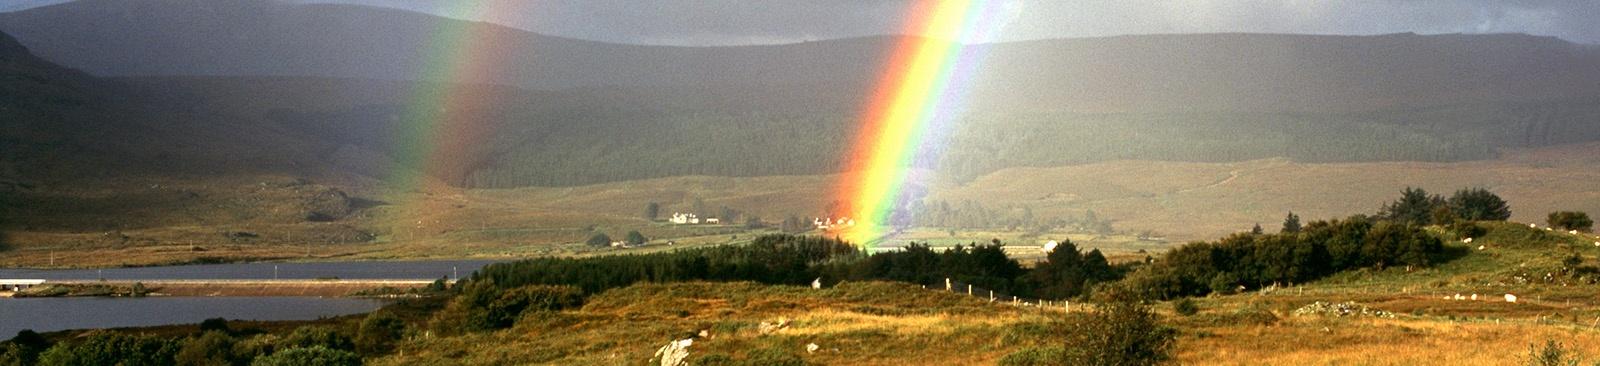 Double rainbows over a hillside